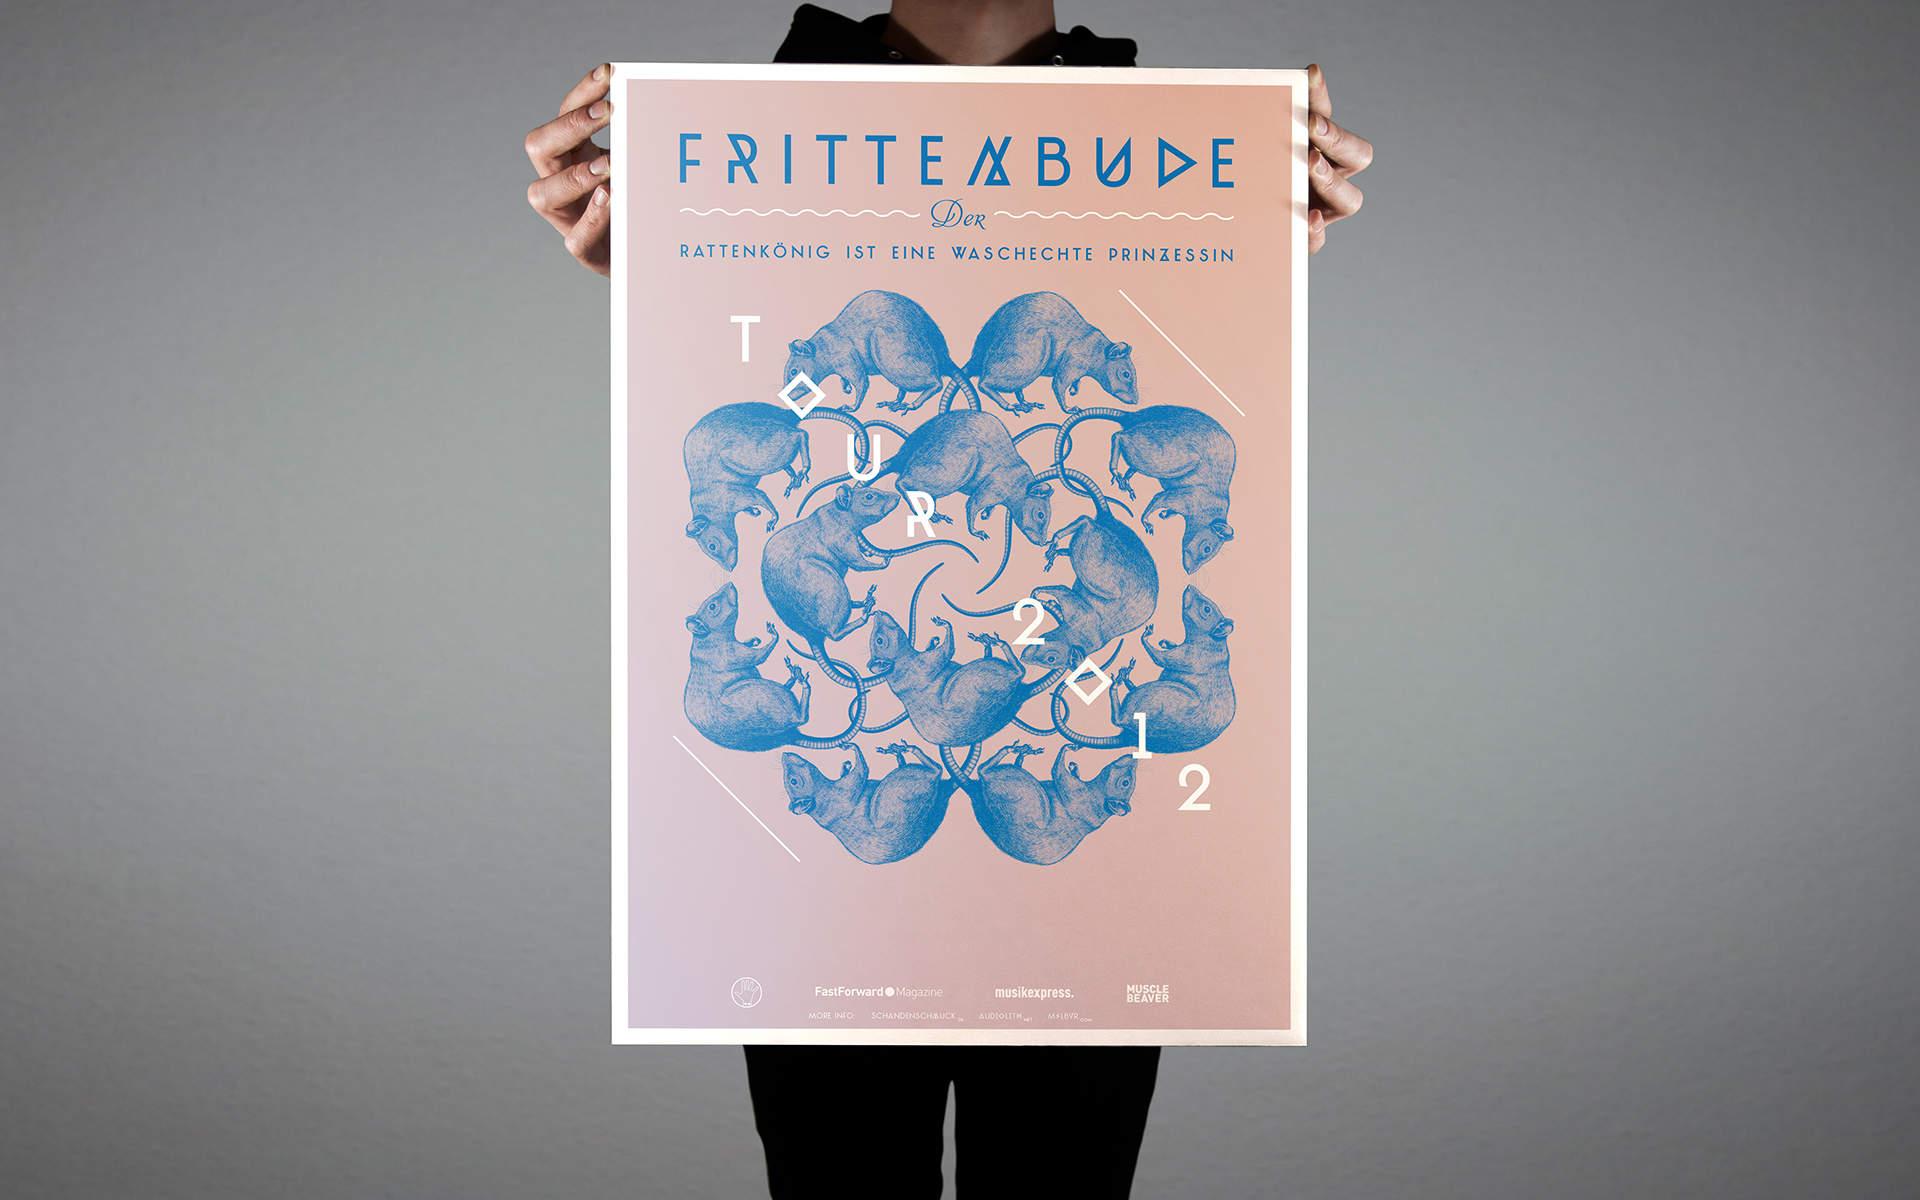 Frittenbude's tour 2012 / Moritz Welker